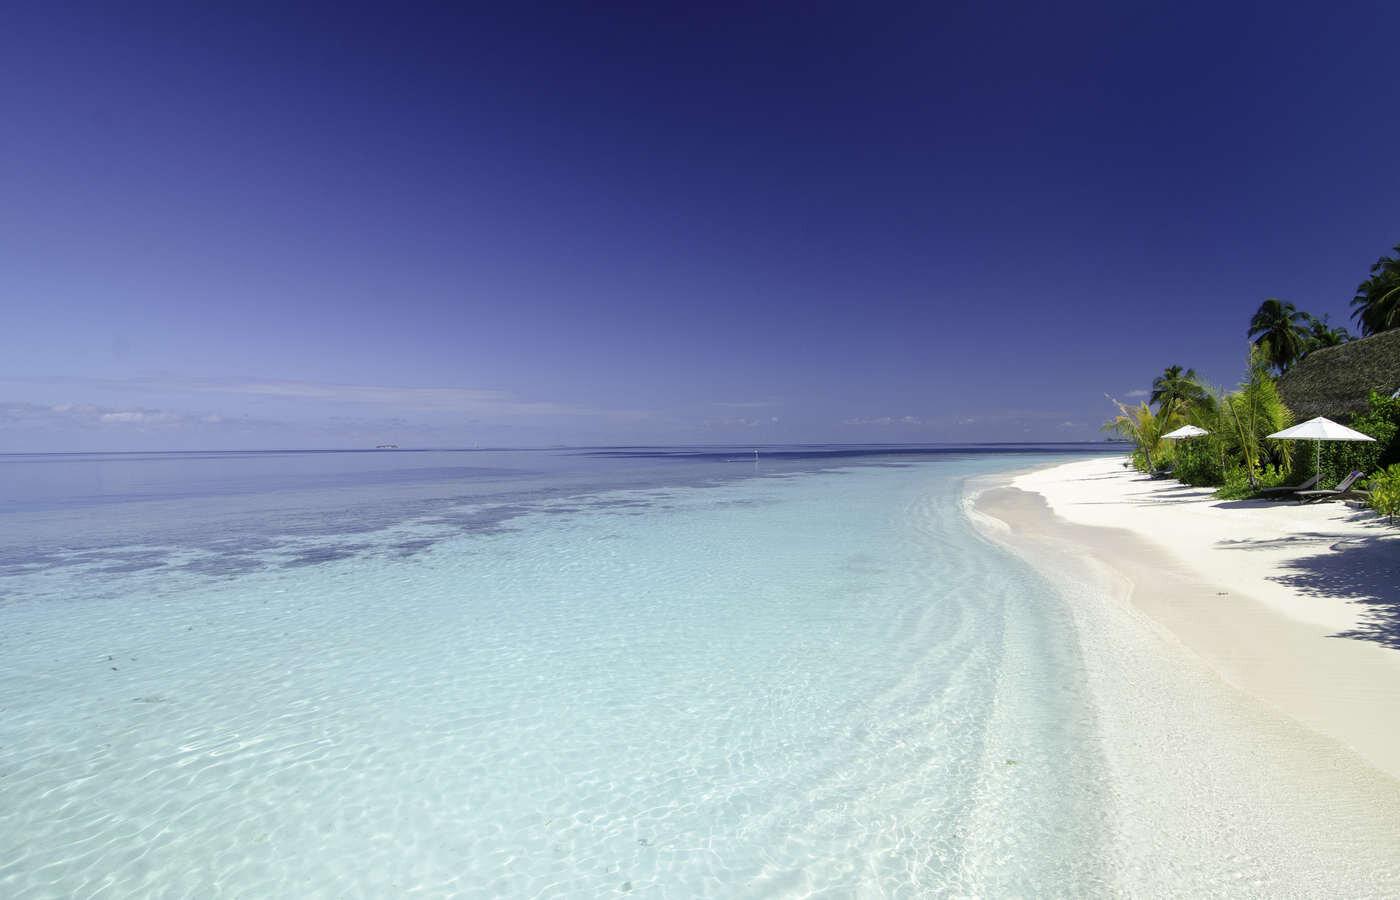 BeachScene10.jpg